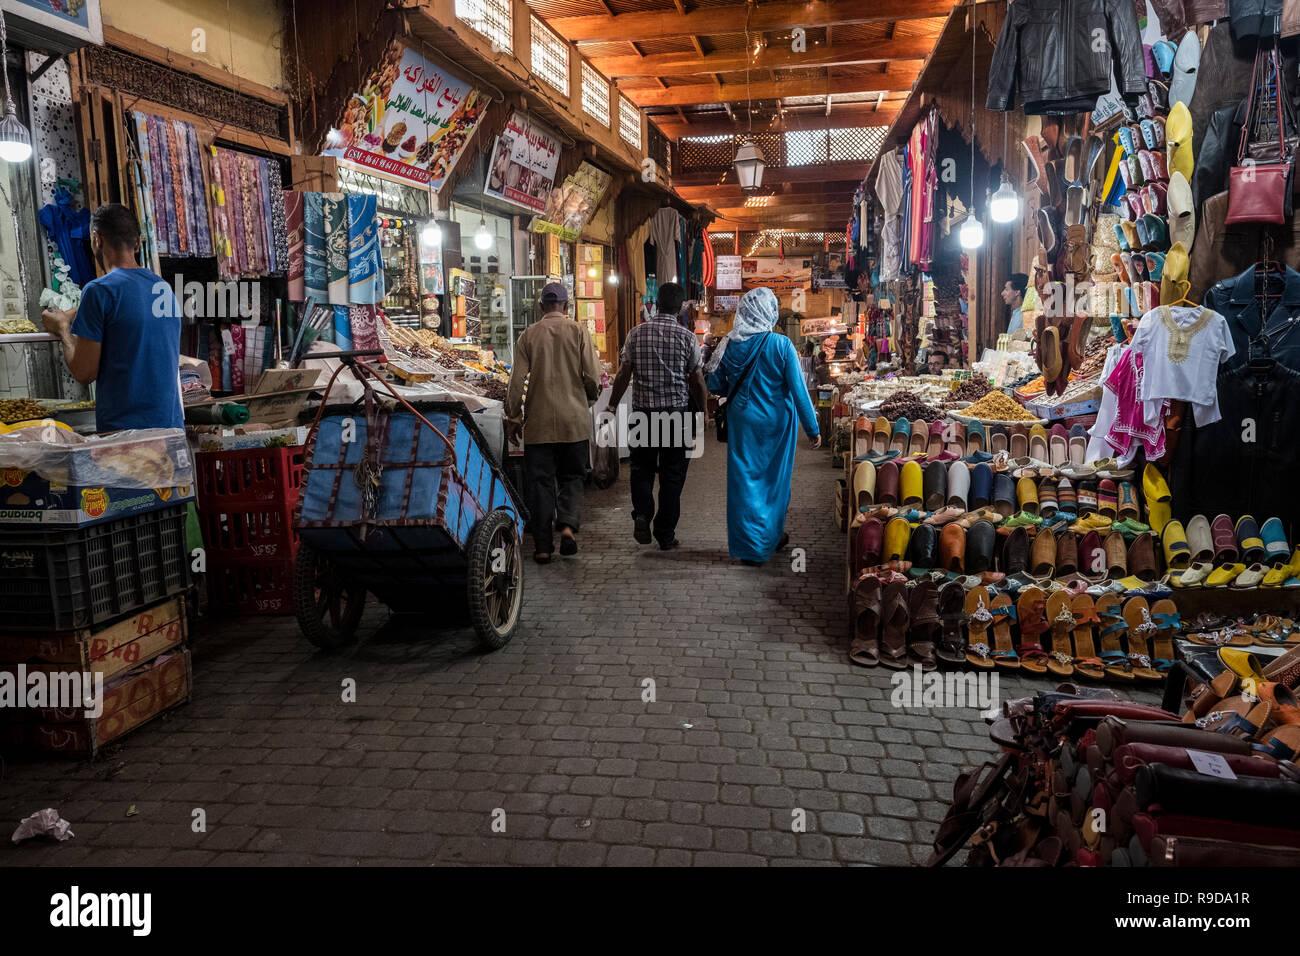 Fes, Morocco - 20 September 2017: Souks of Fes - Stock Image